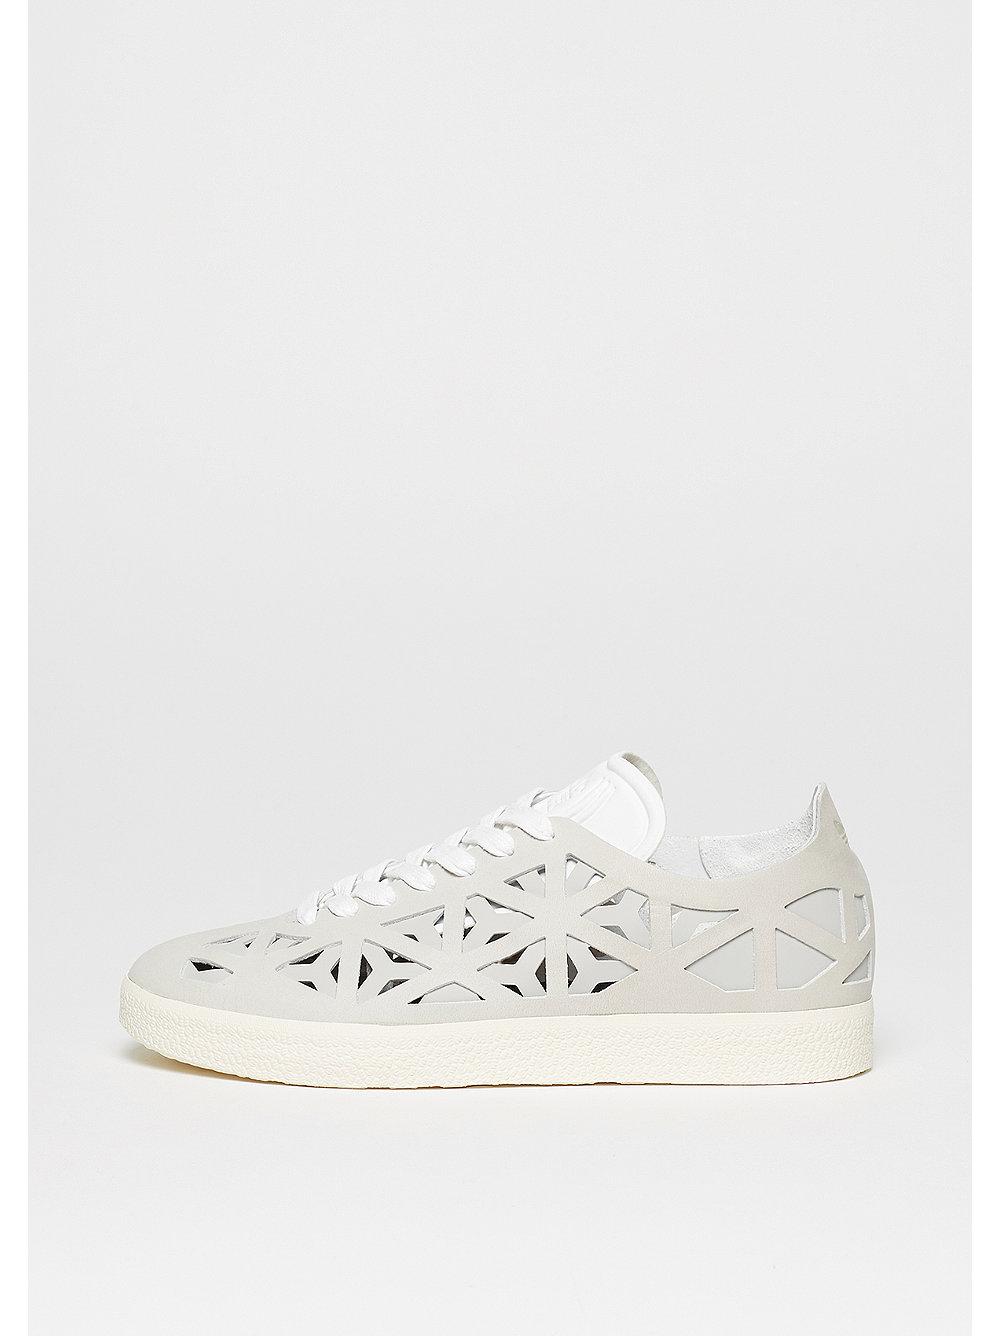 adidas Gazelle ftwr white-ftwr white-cream white